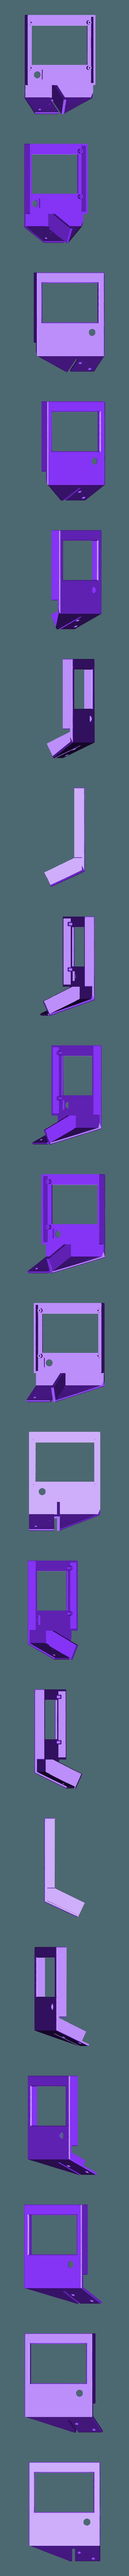 Ender_3_display_v1.stl Download free STL file Display cases for Ender 3 and BIGTREETECH TFT35 V1.2 control panel TFT 3.5 v2 • 3D print model, michal0082